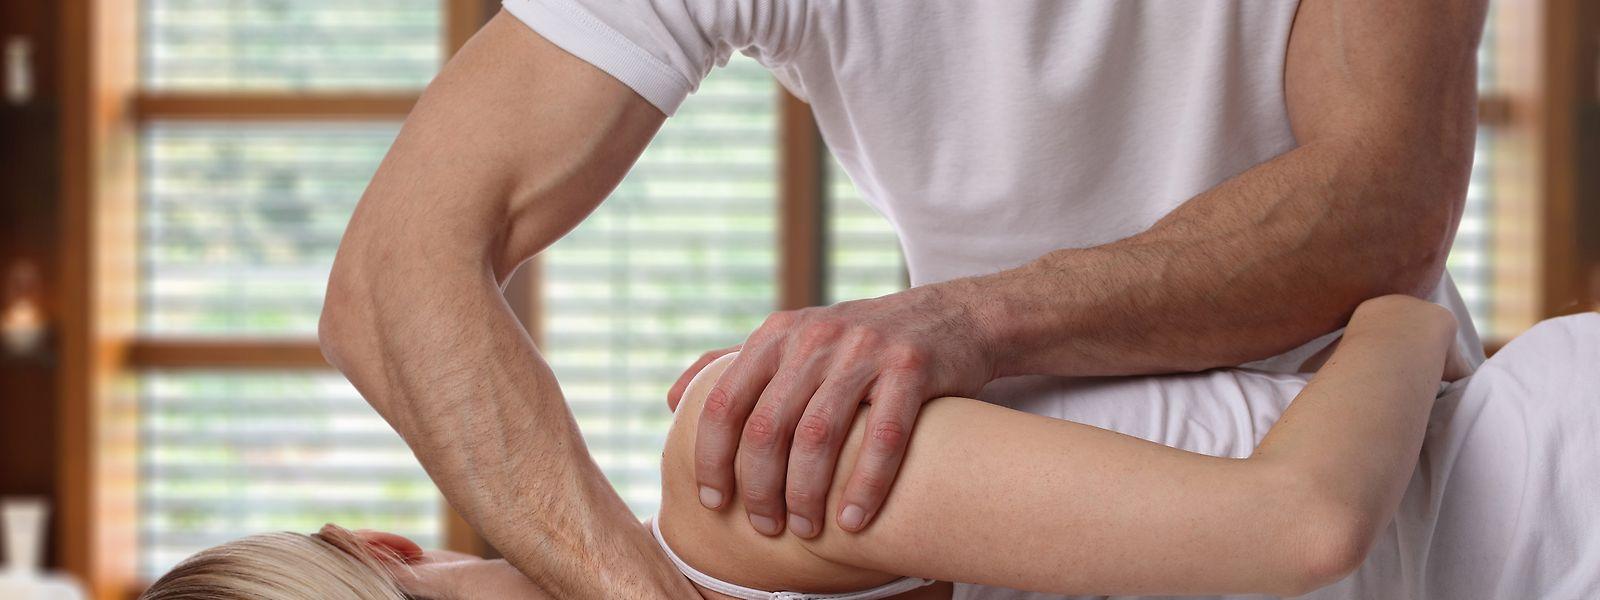 43 Prozent der Einwohner haben bereits einen Osteopathen aufgesucht, so eine rezente Umfrage des Fachverbands ALDO.